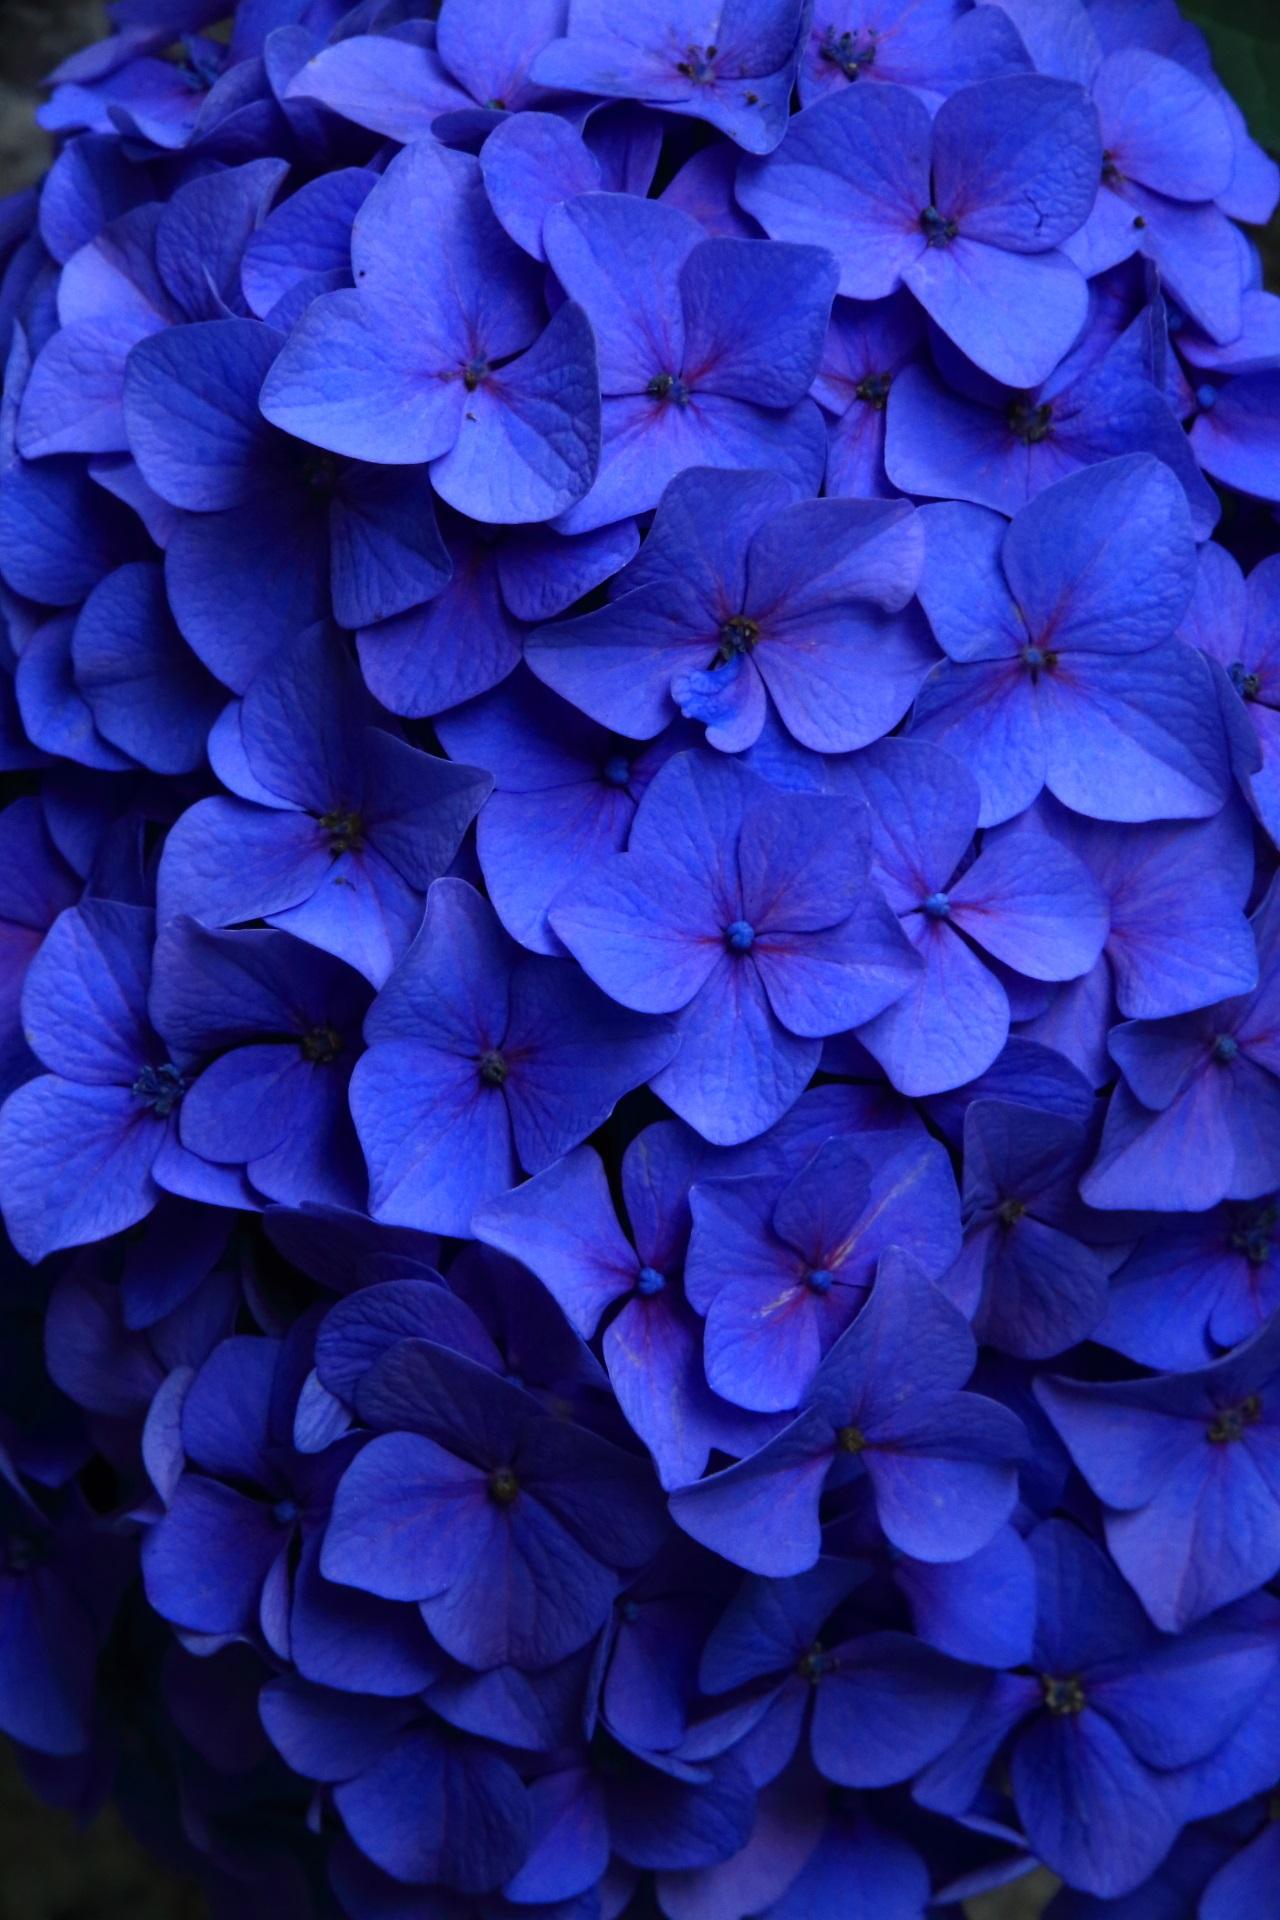 知恩院の濃いブルーの艶やかな色合いの紫陽花